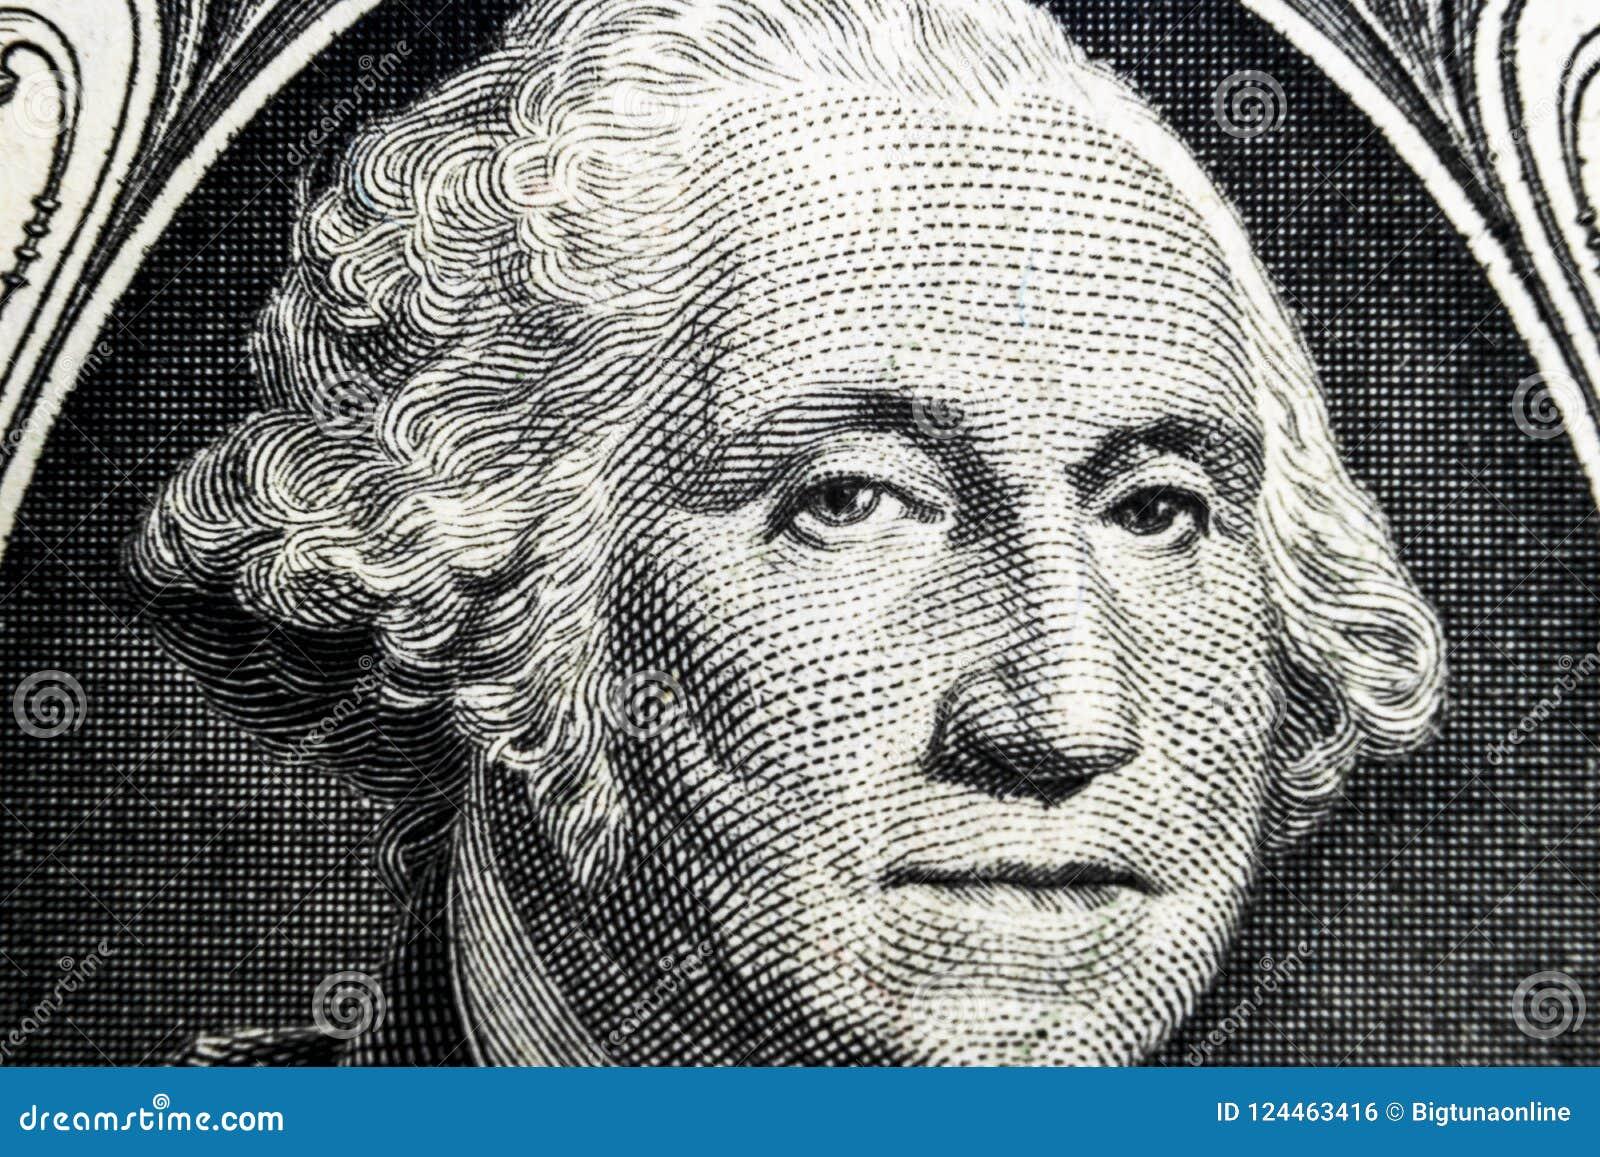 ΗΠΑ πορτρέτο προσώπου Προέδρου George Washington στις ΗΠΑ σημείωση ενός δολαρίου Μακρο πλάνο Υπόβαθρο των χρημάτων George Washing